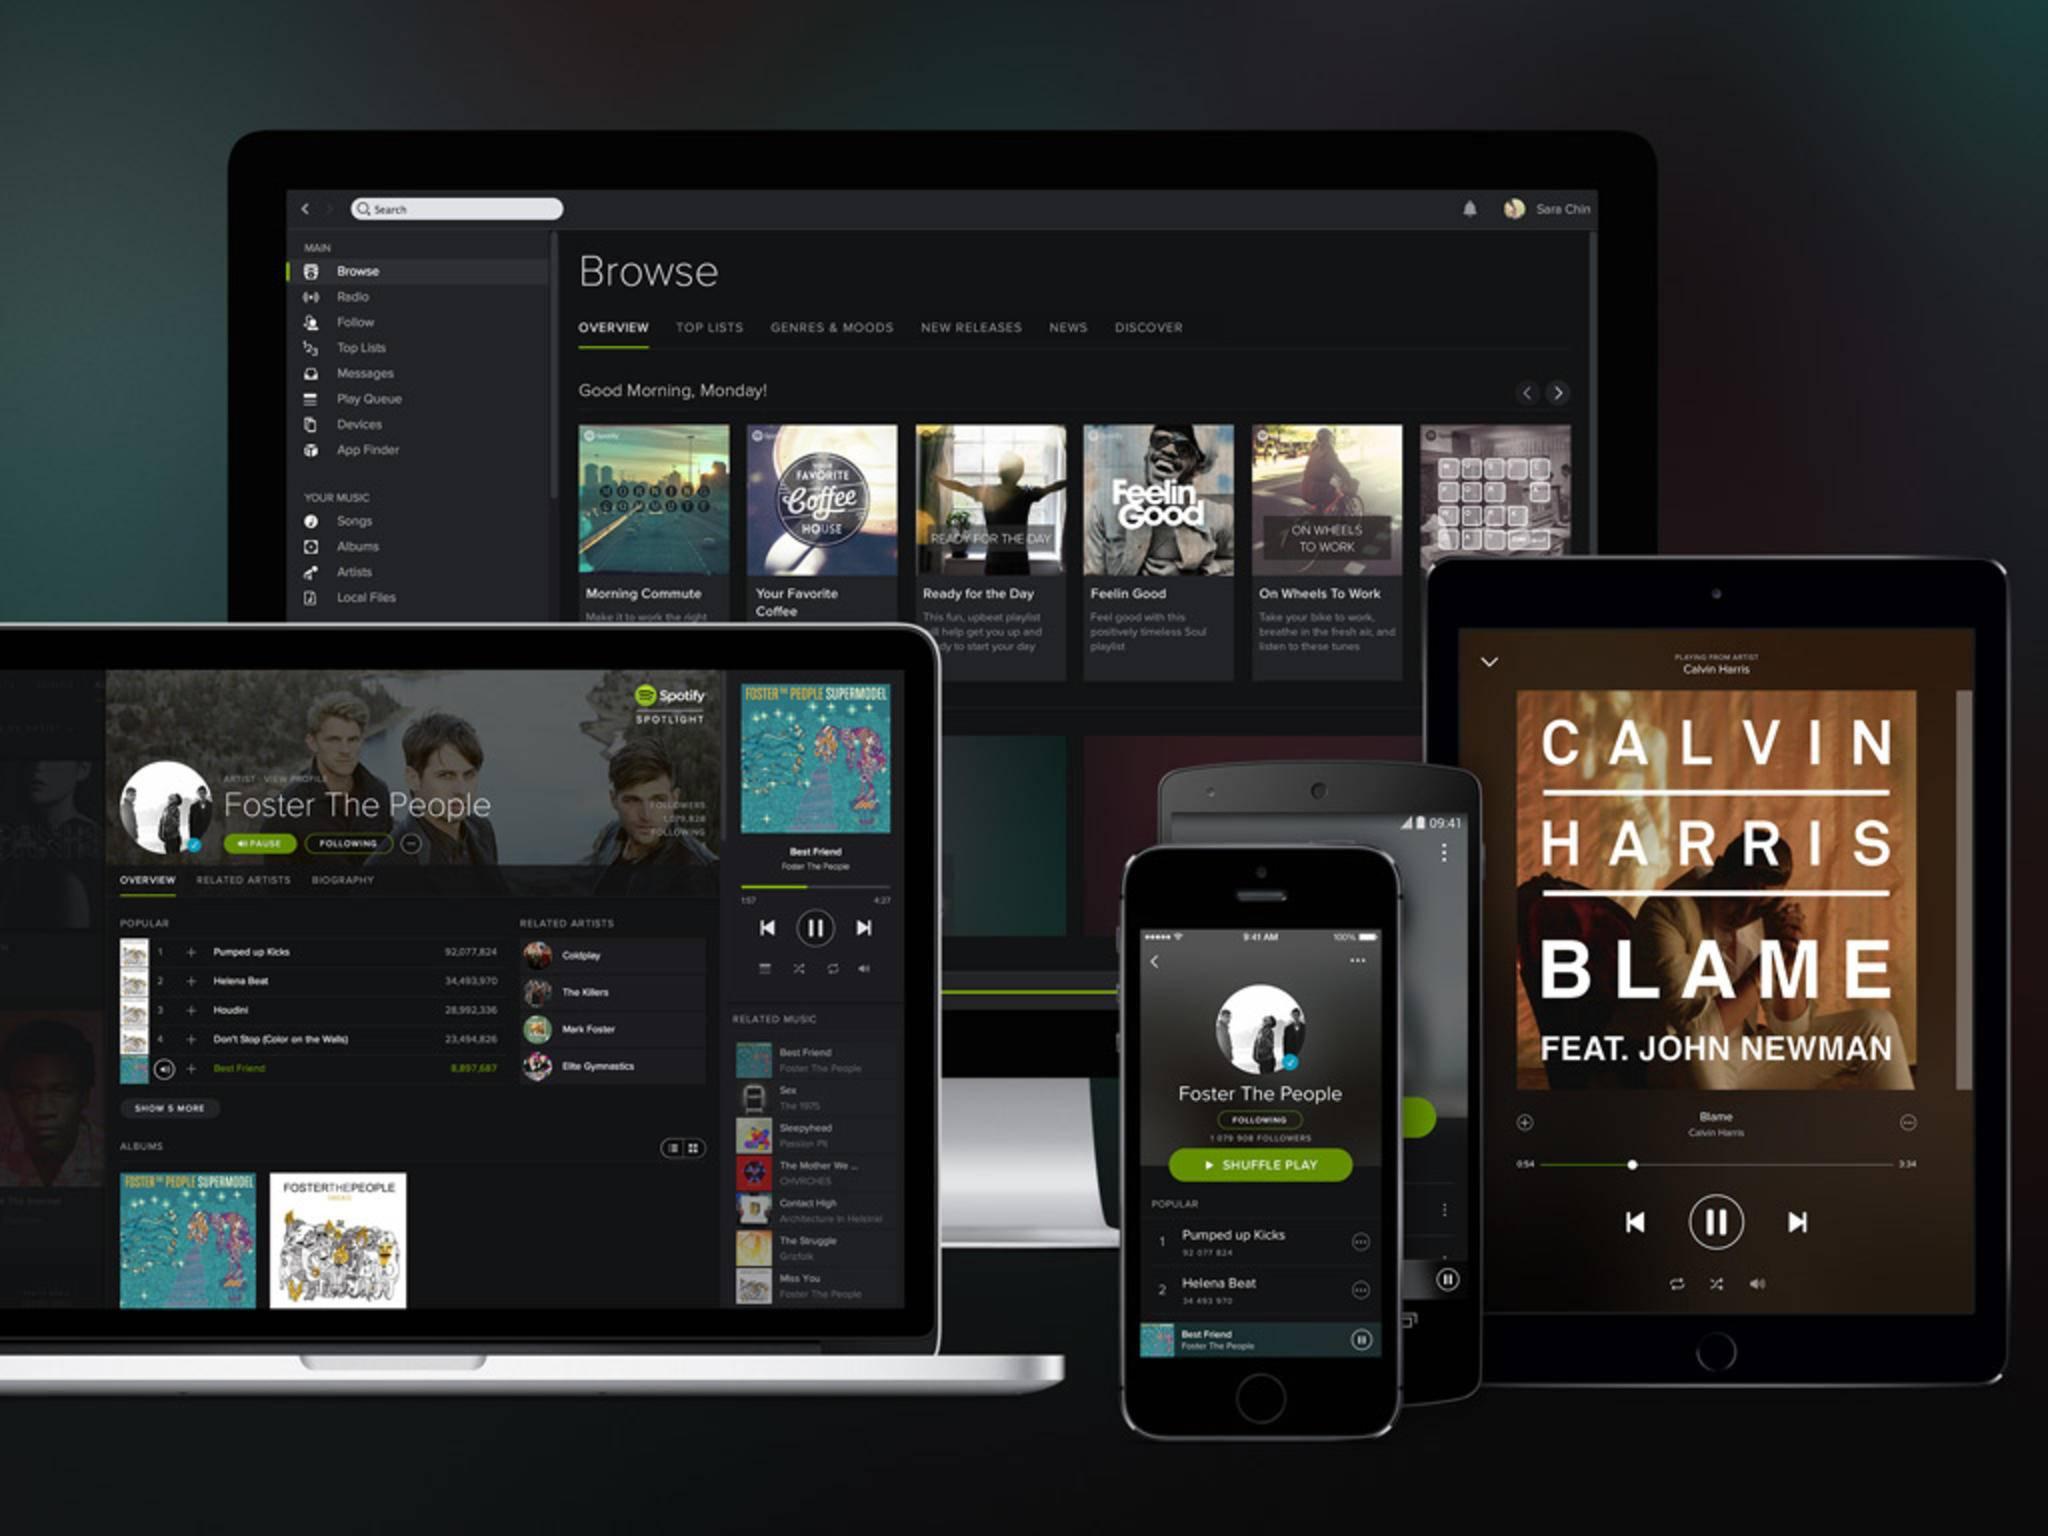 So holst Du mehr aus Spotify - egal auf welchem Gerät.